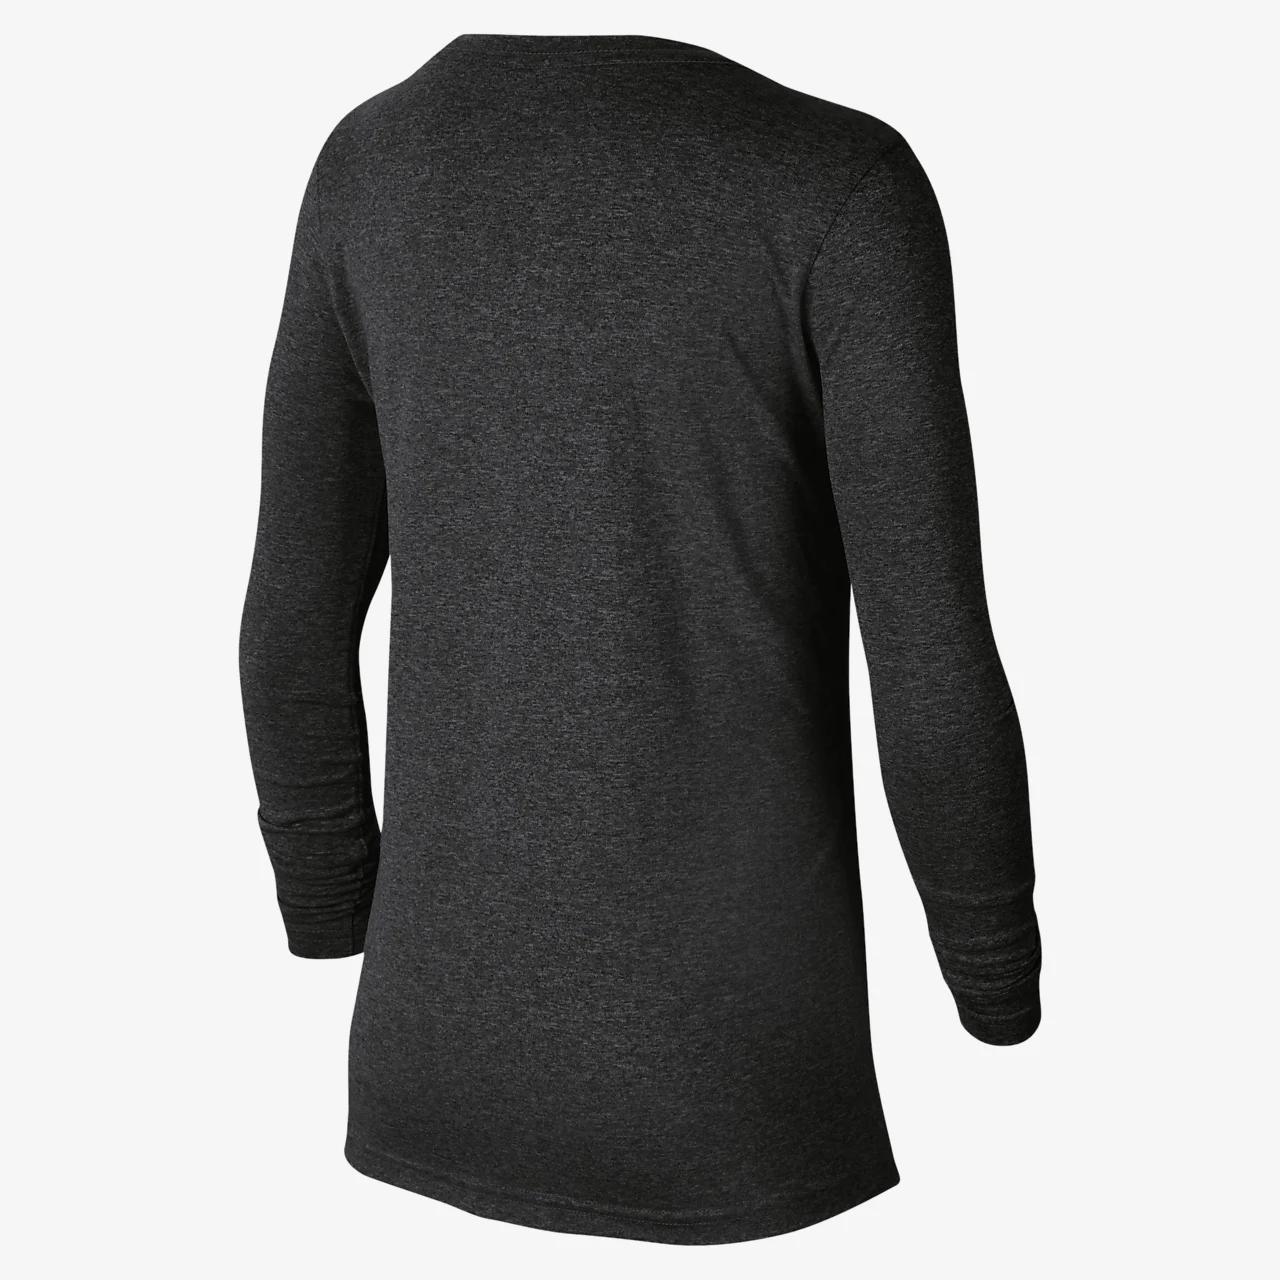 나이키 드라이핏 GS 긴팔 트레이닝 티셔츠 AR5313-016